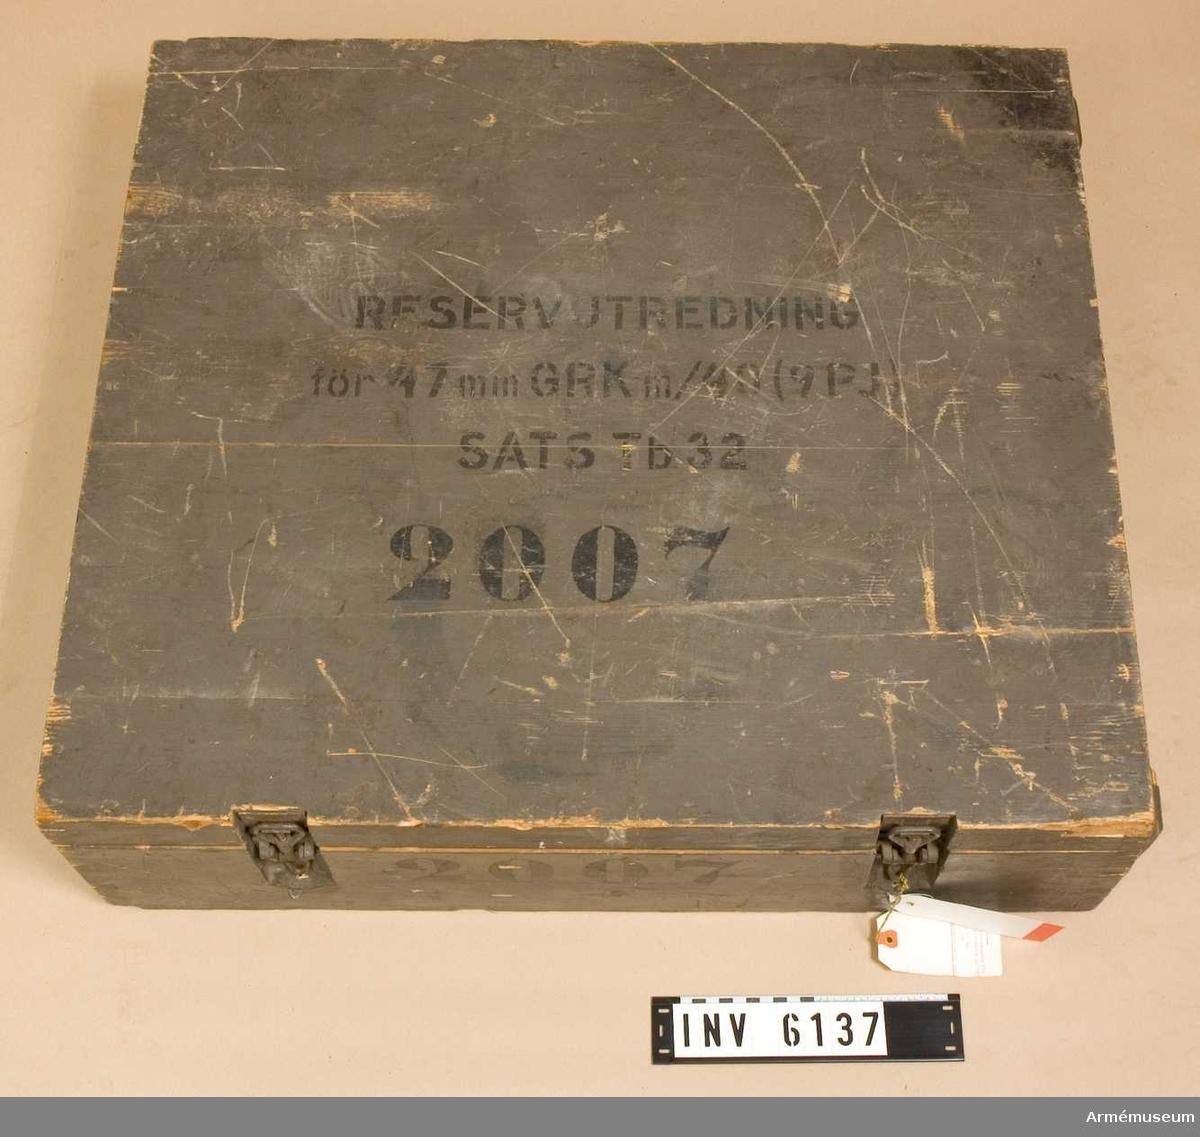 T granatkastare m/1940 (9 pj) sats TB 32.Består av:  1 låda av trä, 790x670x210 mm, nr 2007,  3 bärrem av läder t am,  5 mätsticka,  2 rekylfjäder (1 övre, 1 undre), 2 siktlinjal,  5 spegel,  3 tändspets,  3 vattenpass,  10 gummikåpa,  3 fodral t riktinstrument,  9 stötbottenkrats,  1 granatkastare,  1 universalnyckel,  1 nyckel f tändspets,  1 skruvmejsel mindre,  1 dorn,  1 fettspruta,  1 viskare,  1 dosa f skruvar,  1 dosa f vaselin (blå),  1 brotch, konisk, R Weström 3.